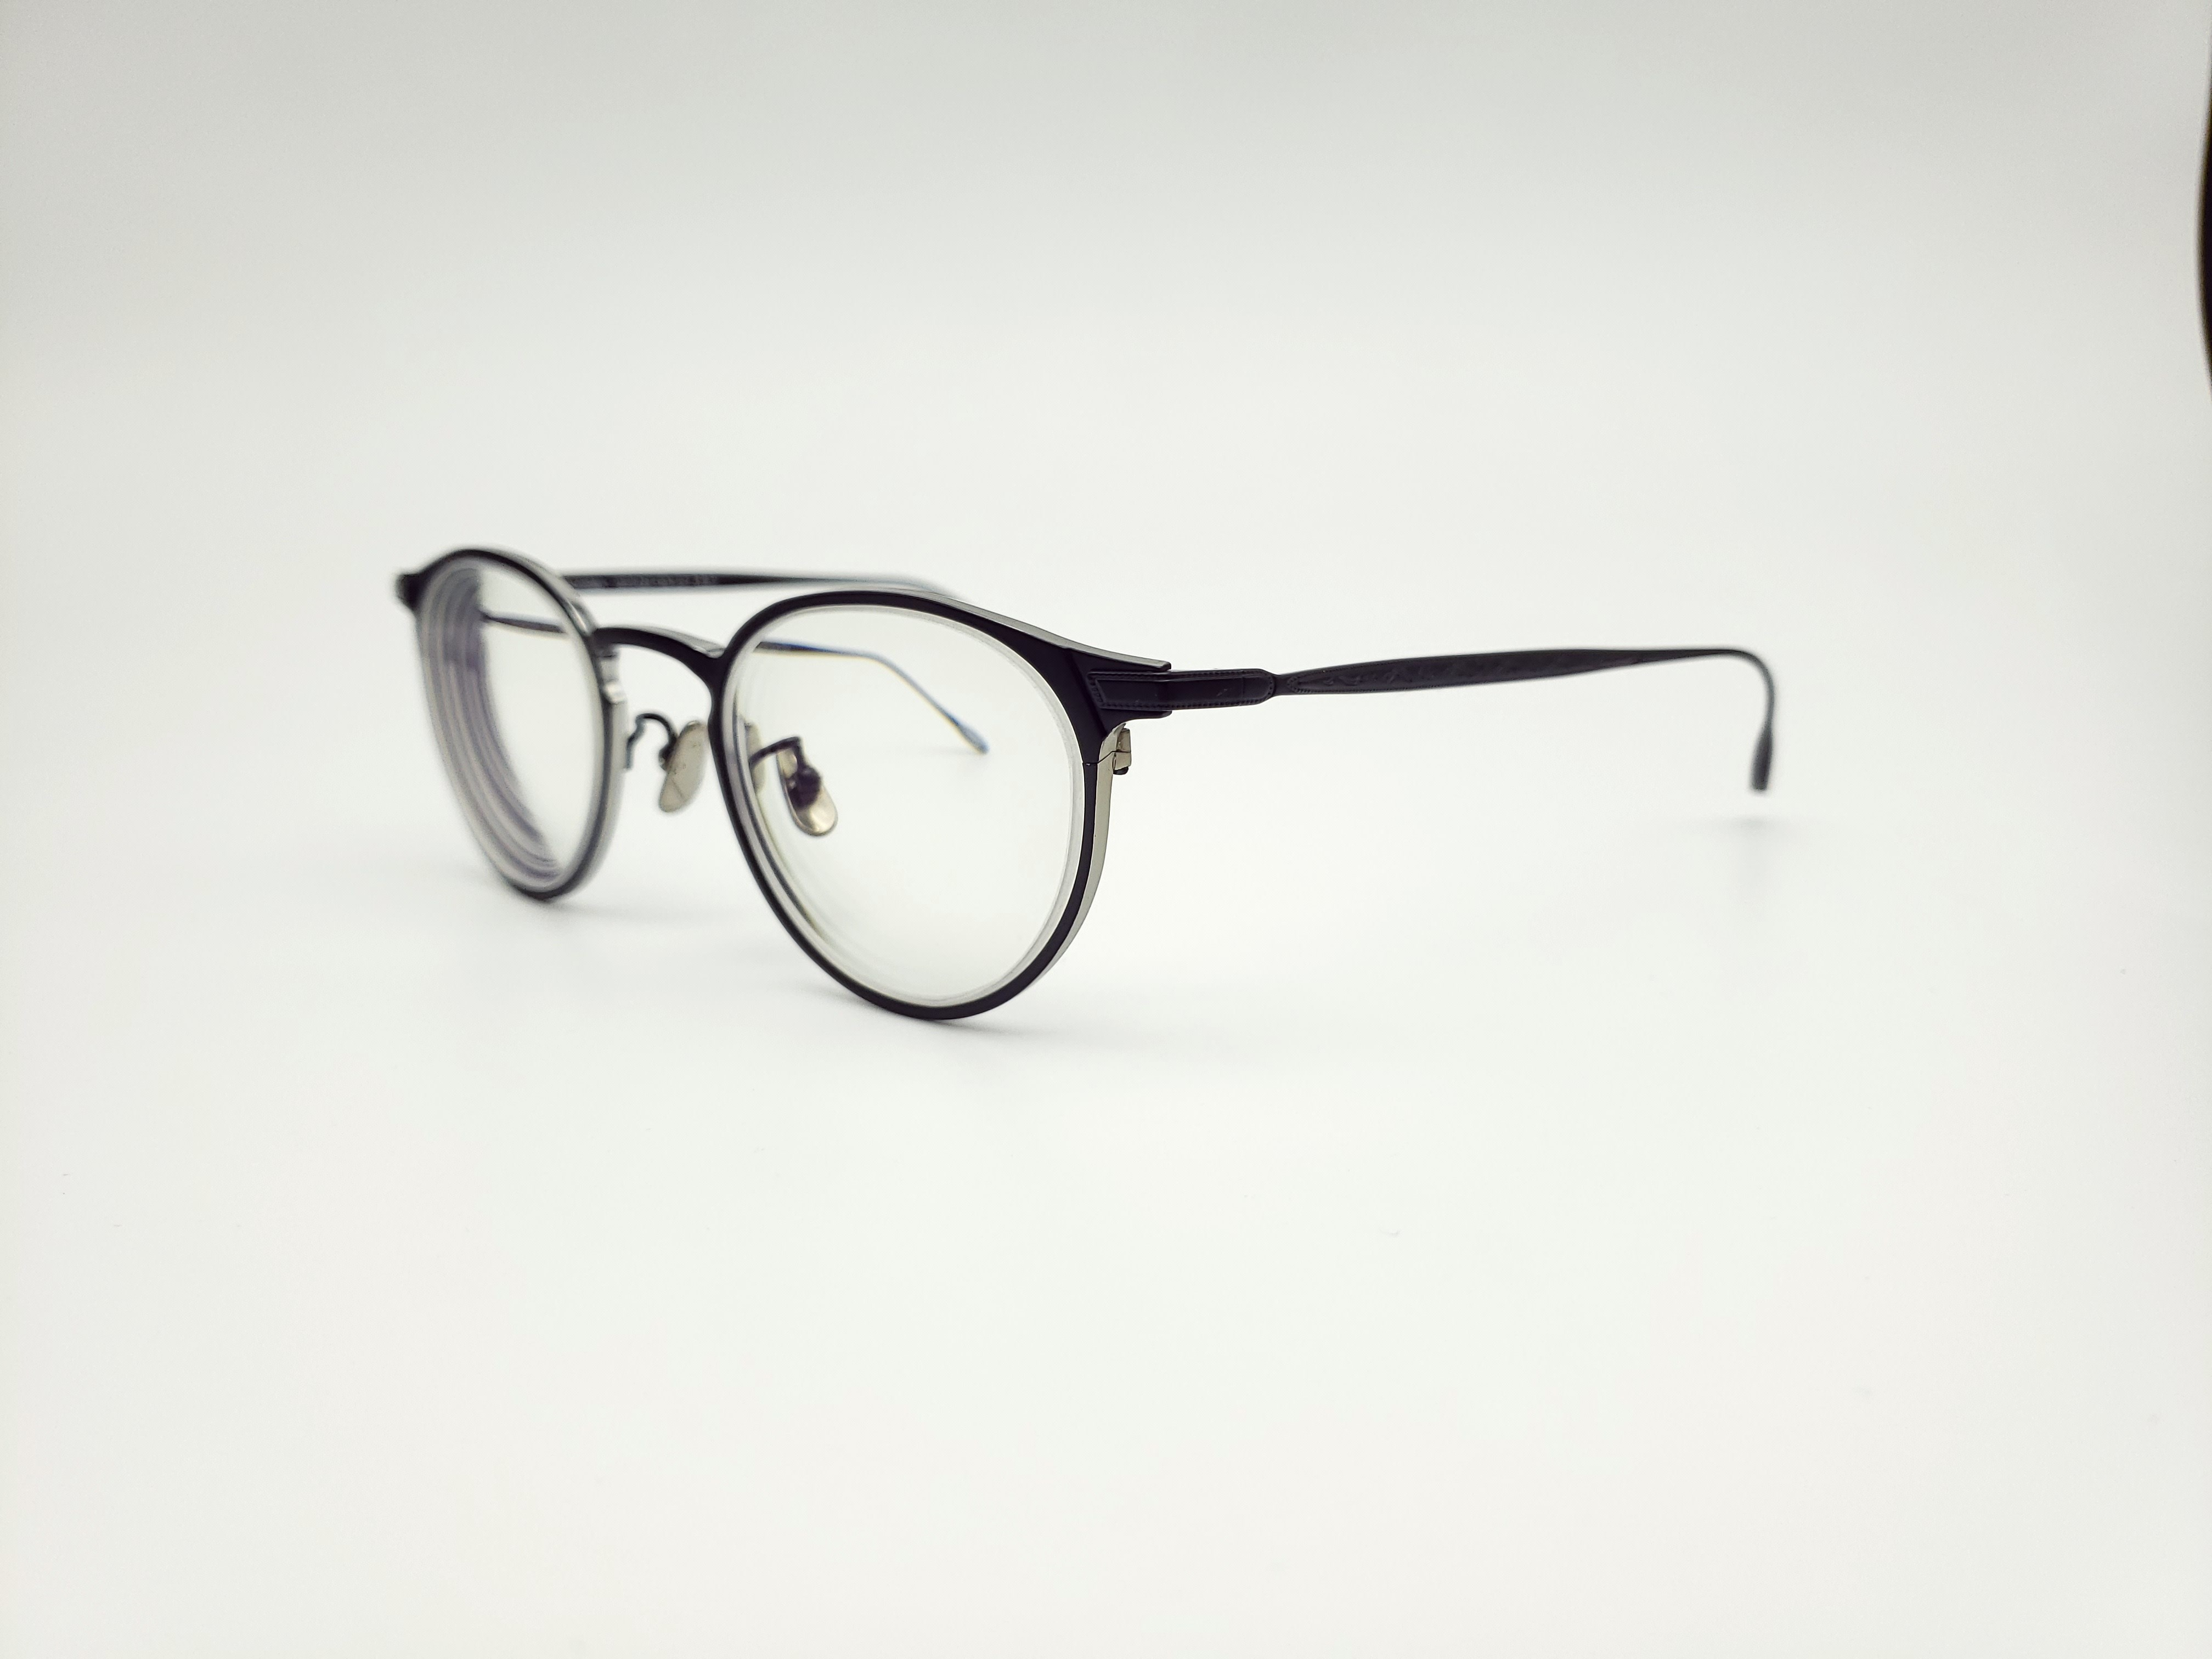 网上那点事儿_配眼镜你需要知道的——度数篇 - 知乎